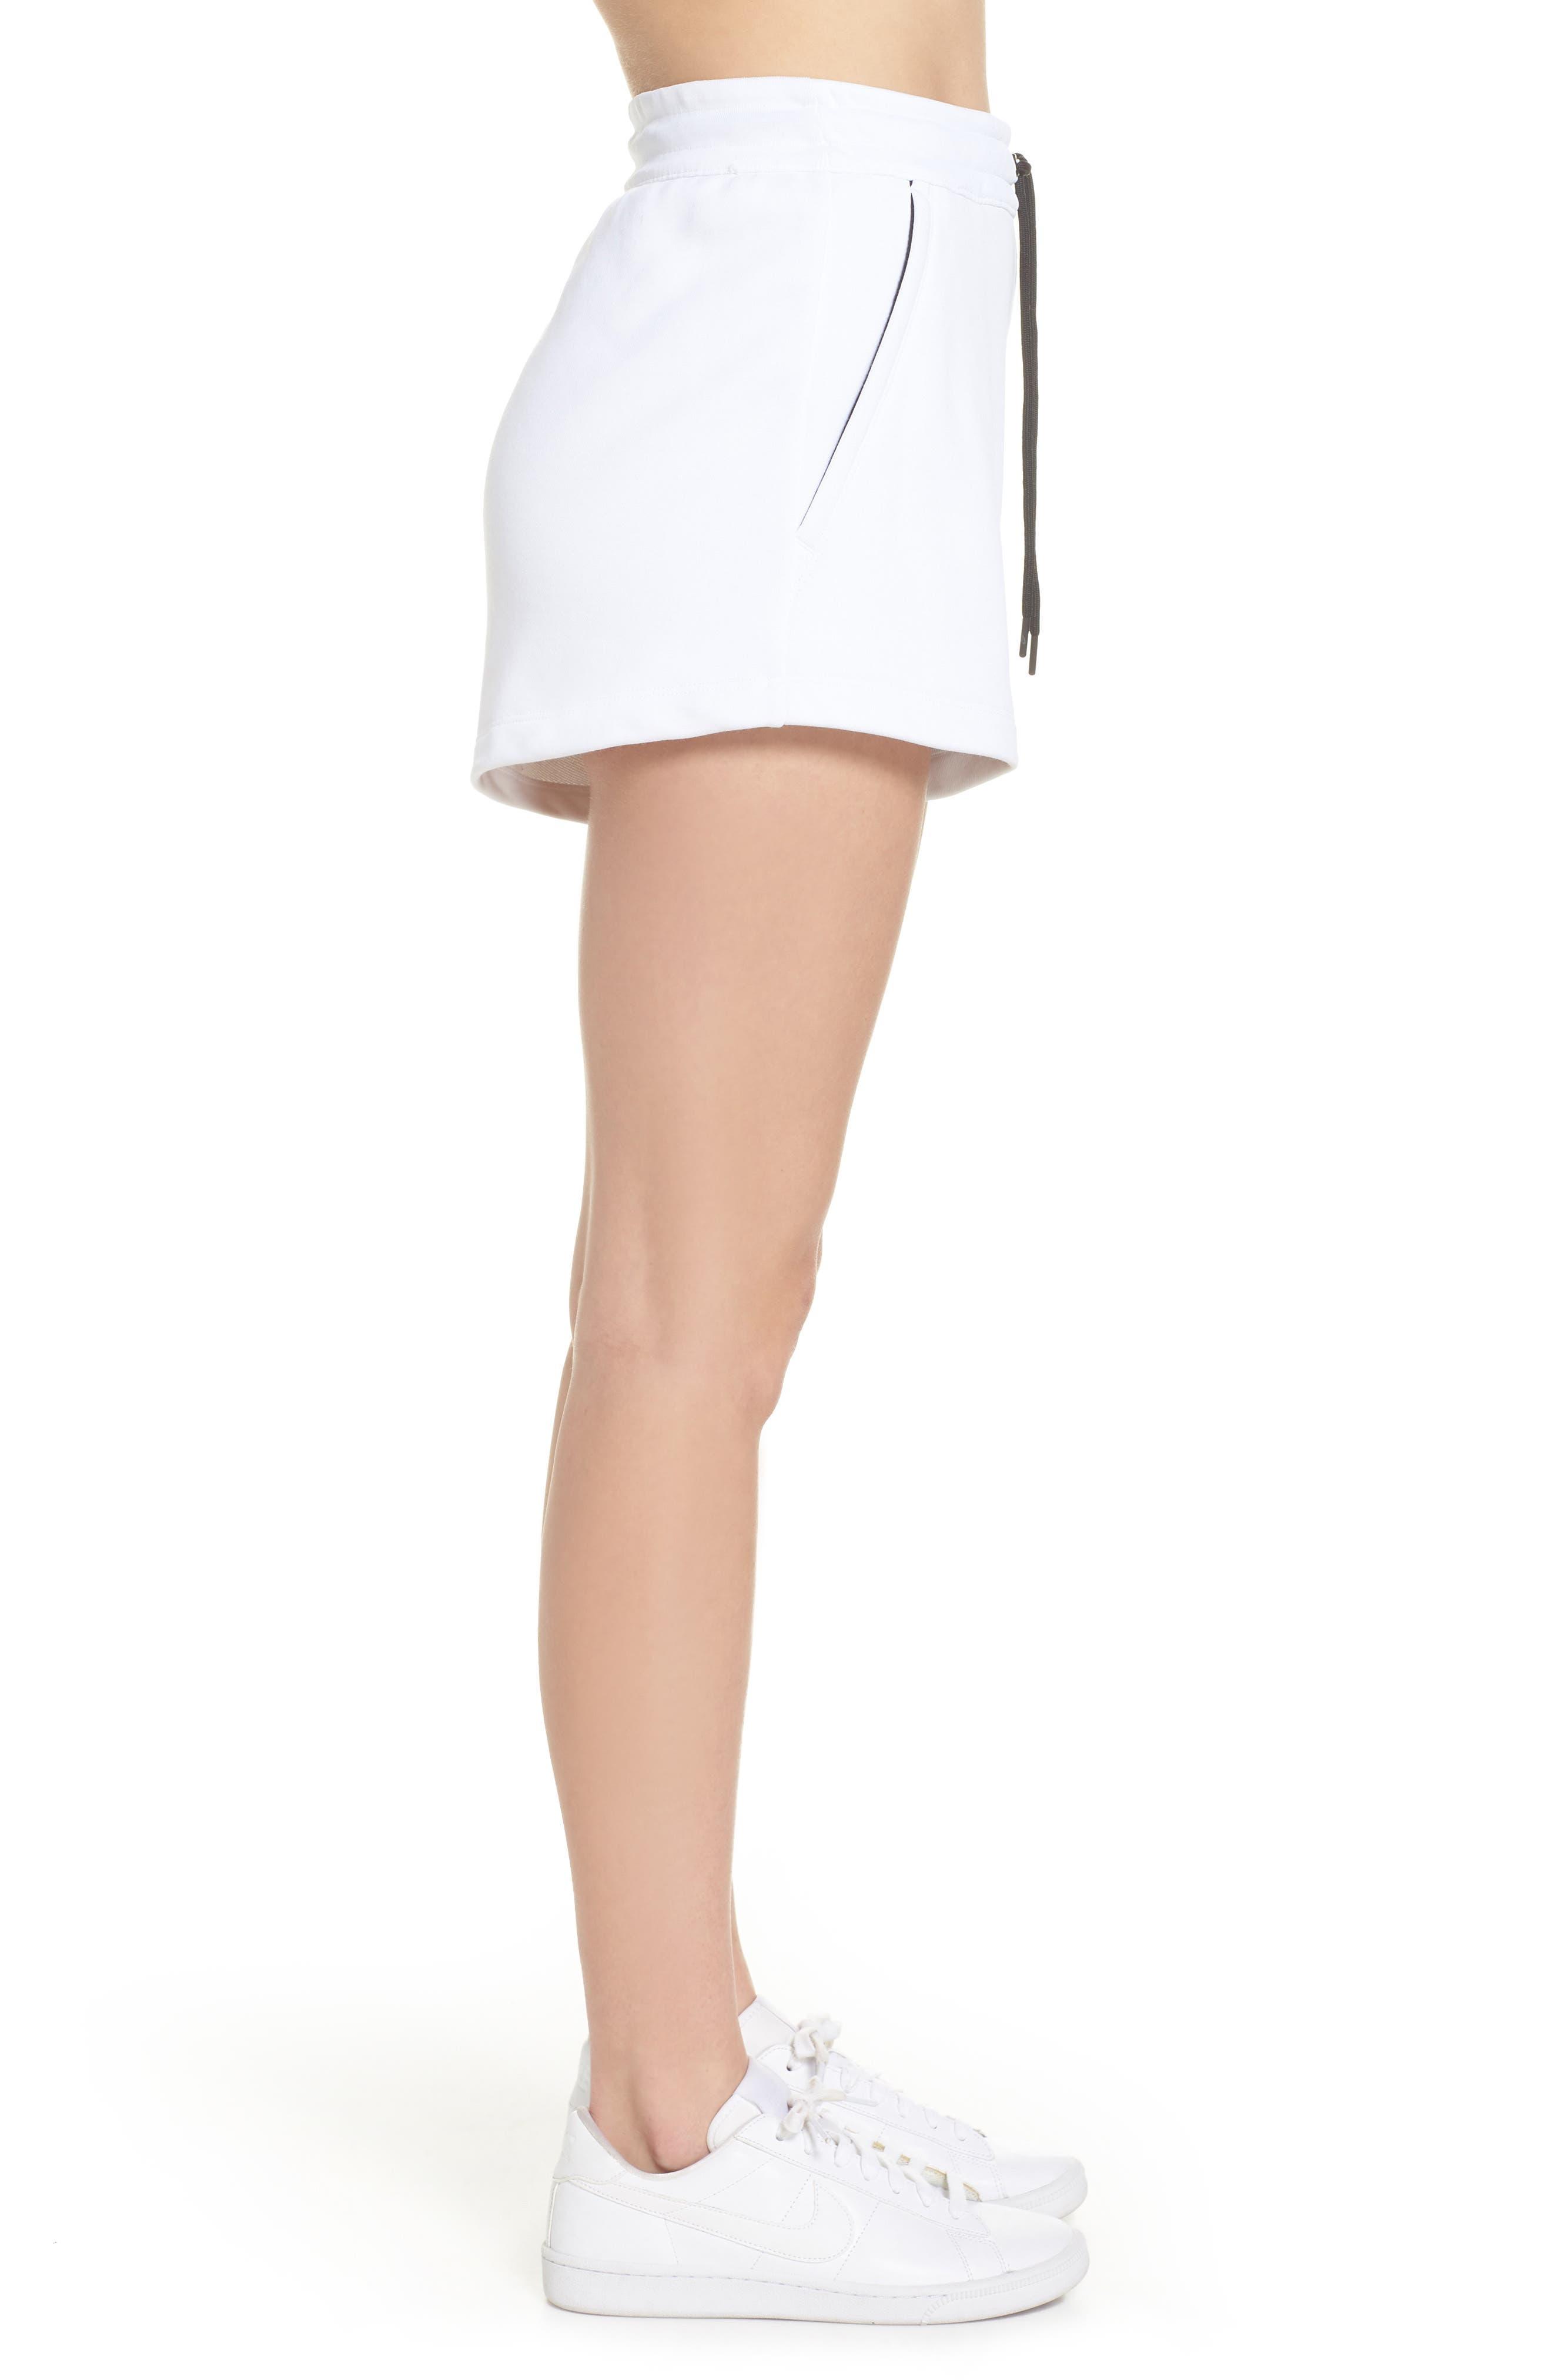 NikeLab Collection Women's Fleece Shorts,                             Alternate thumbnail 3, color,                             100